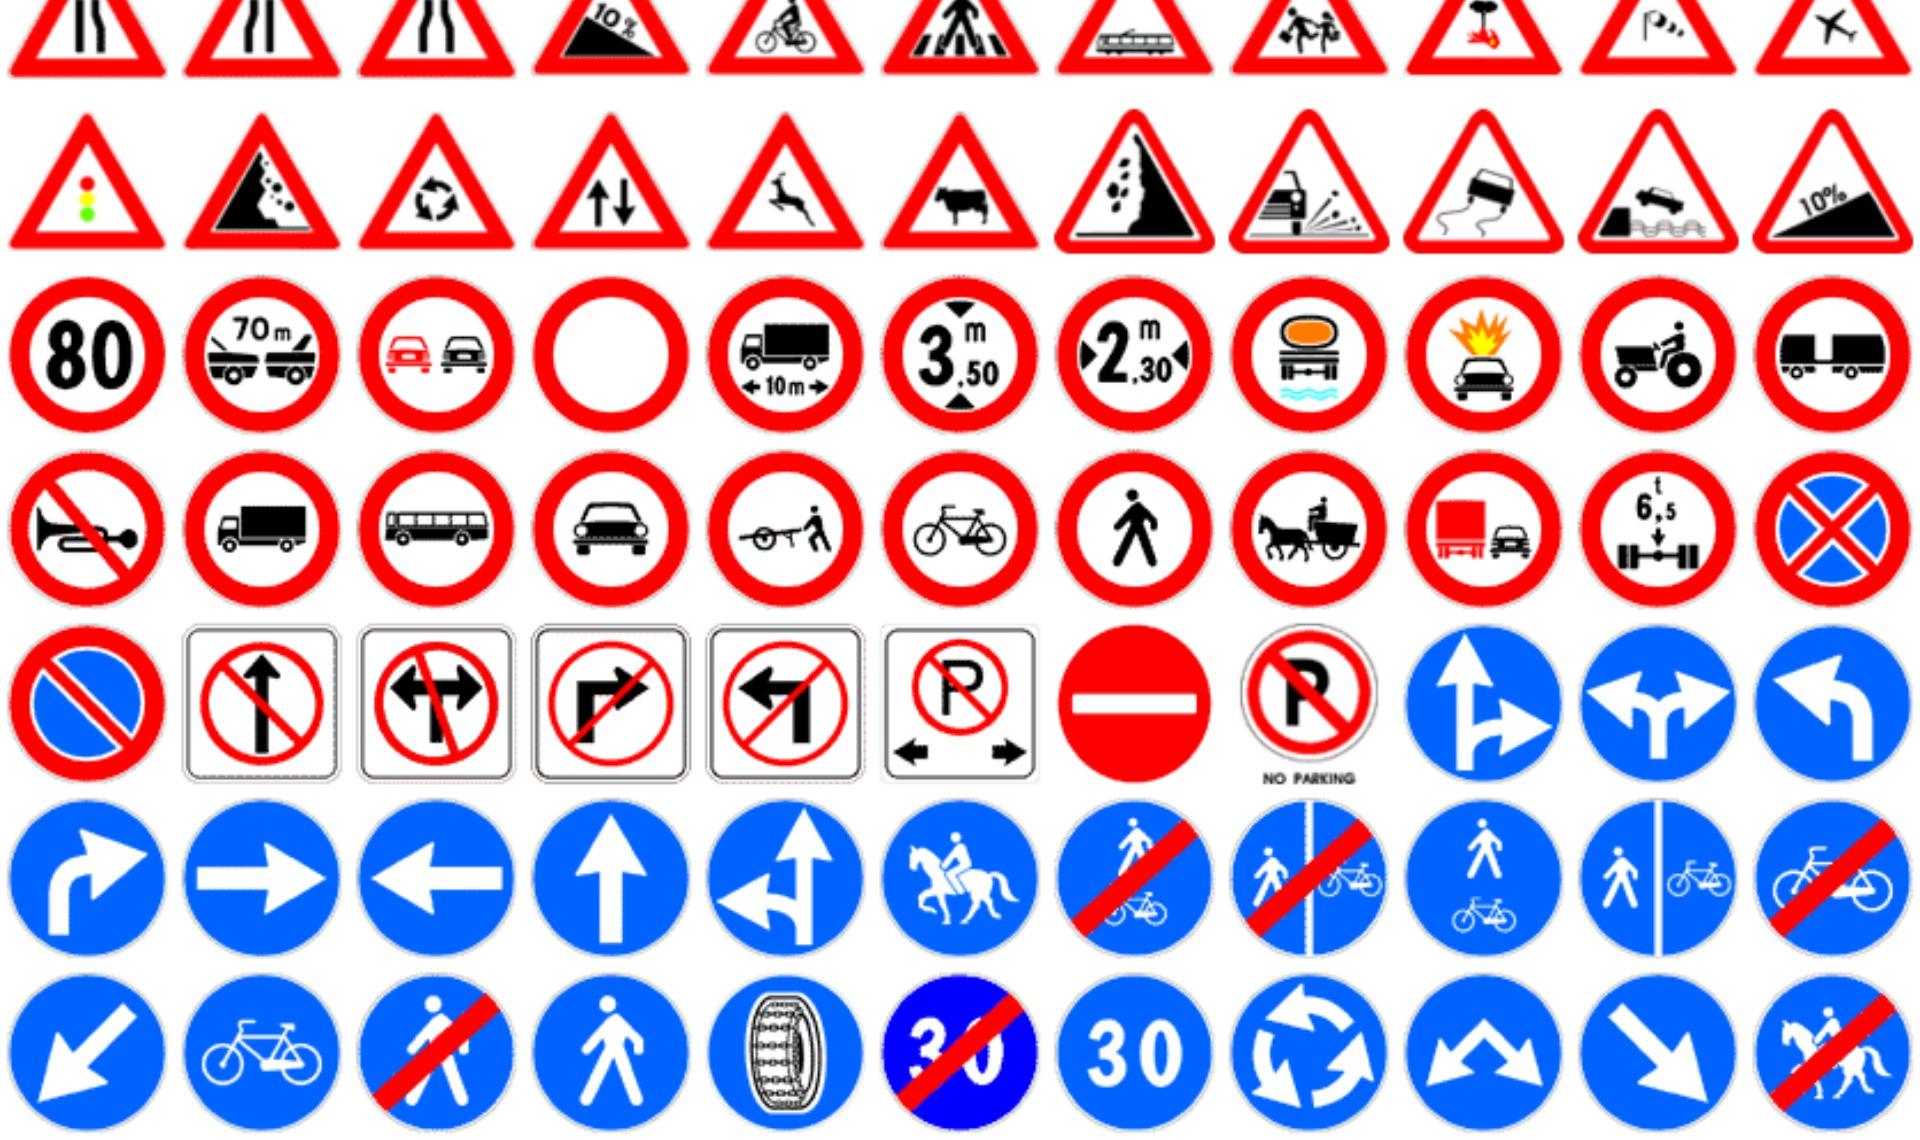 Top 10 Des Idees Recues Sur Le Code De La Route Pour Savoir